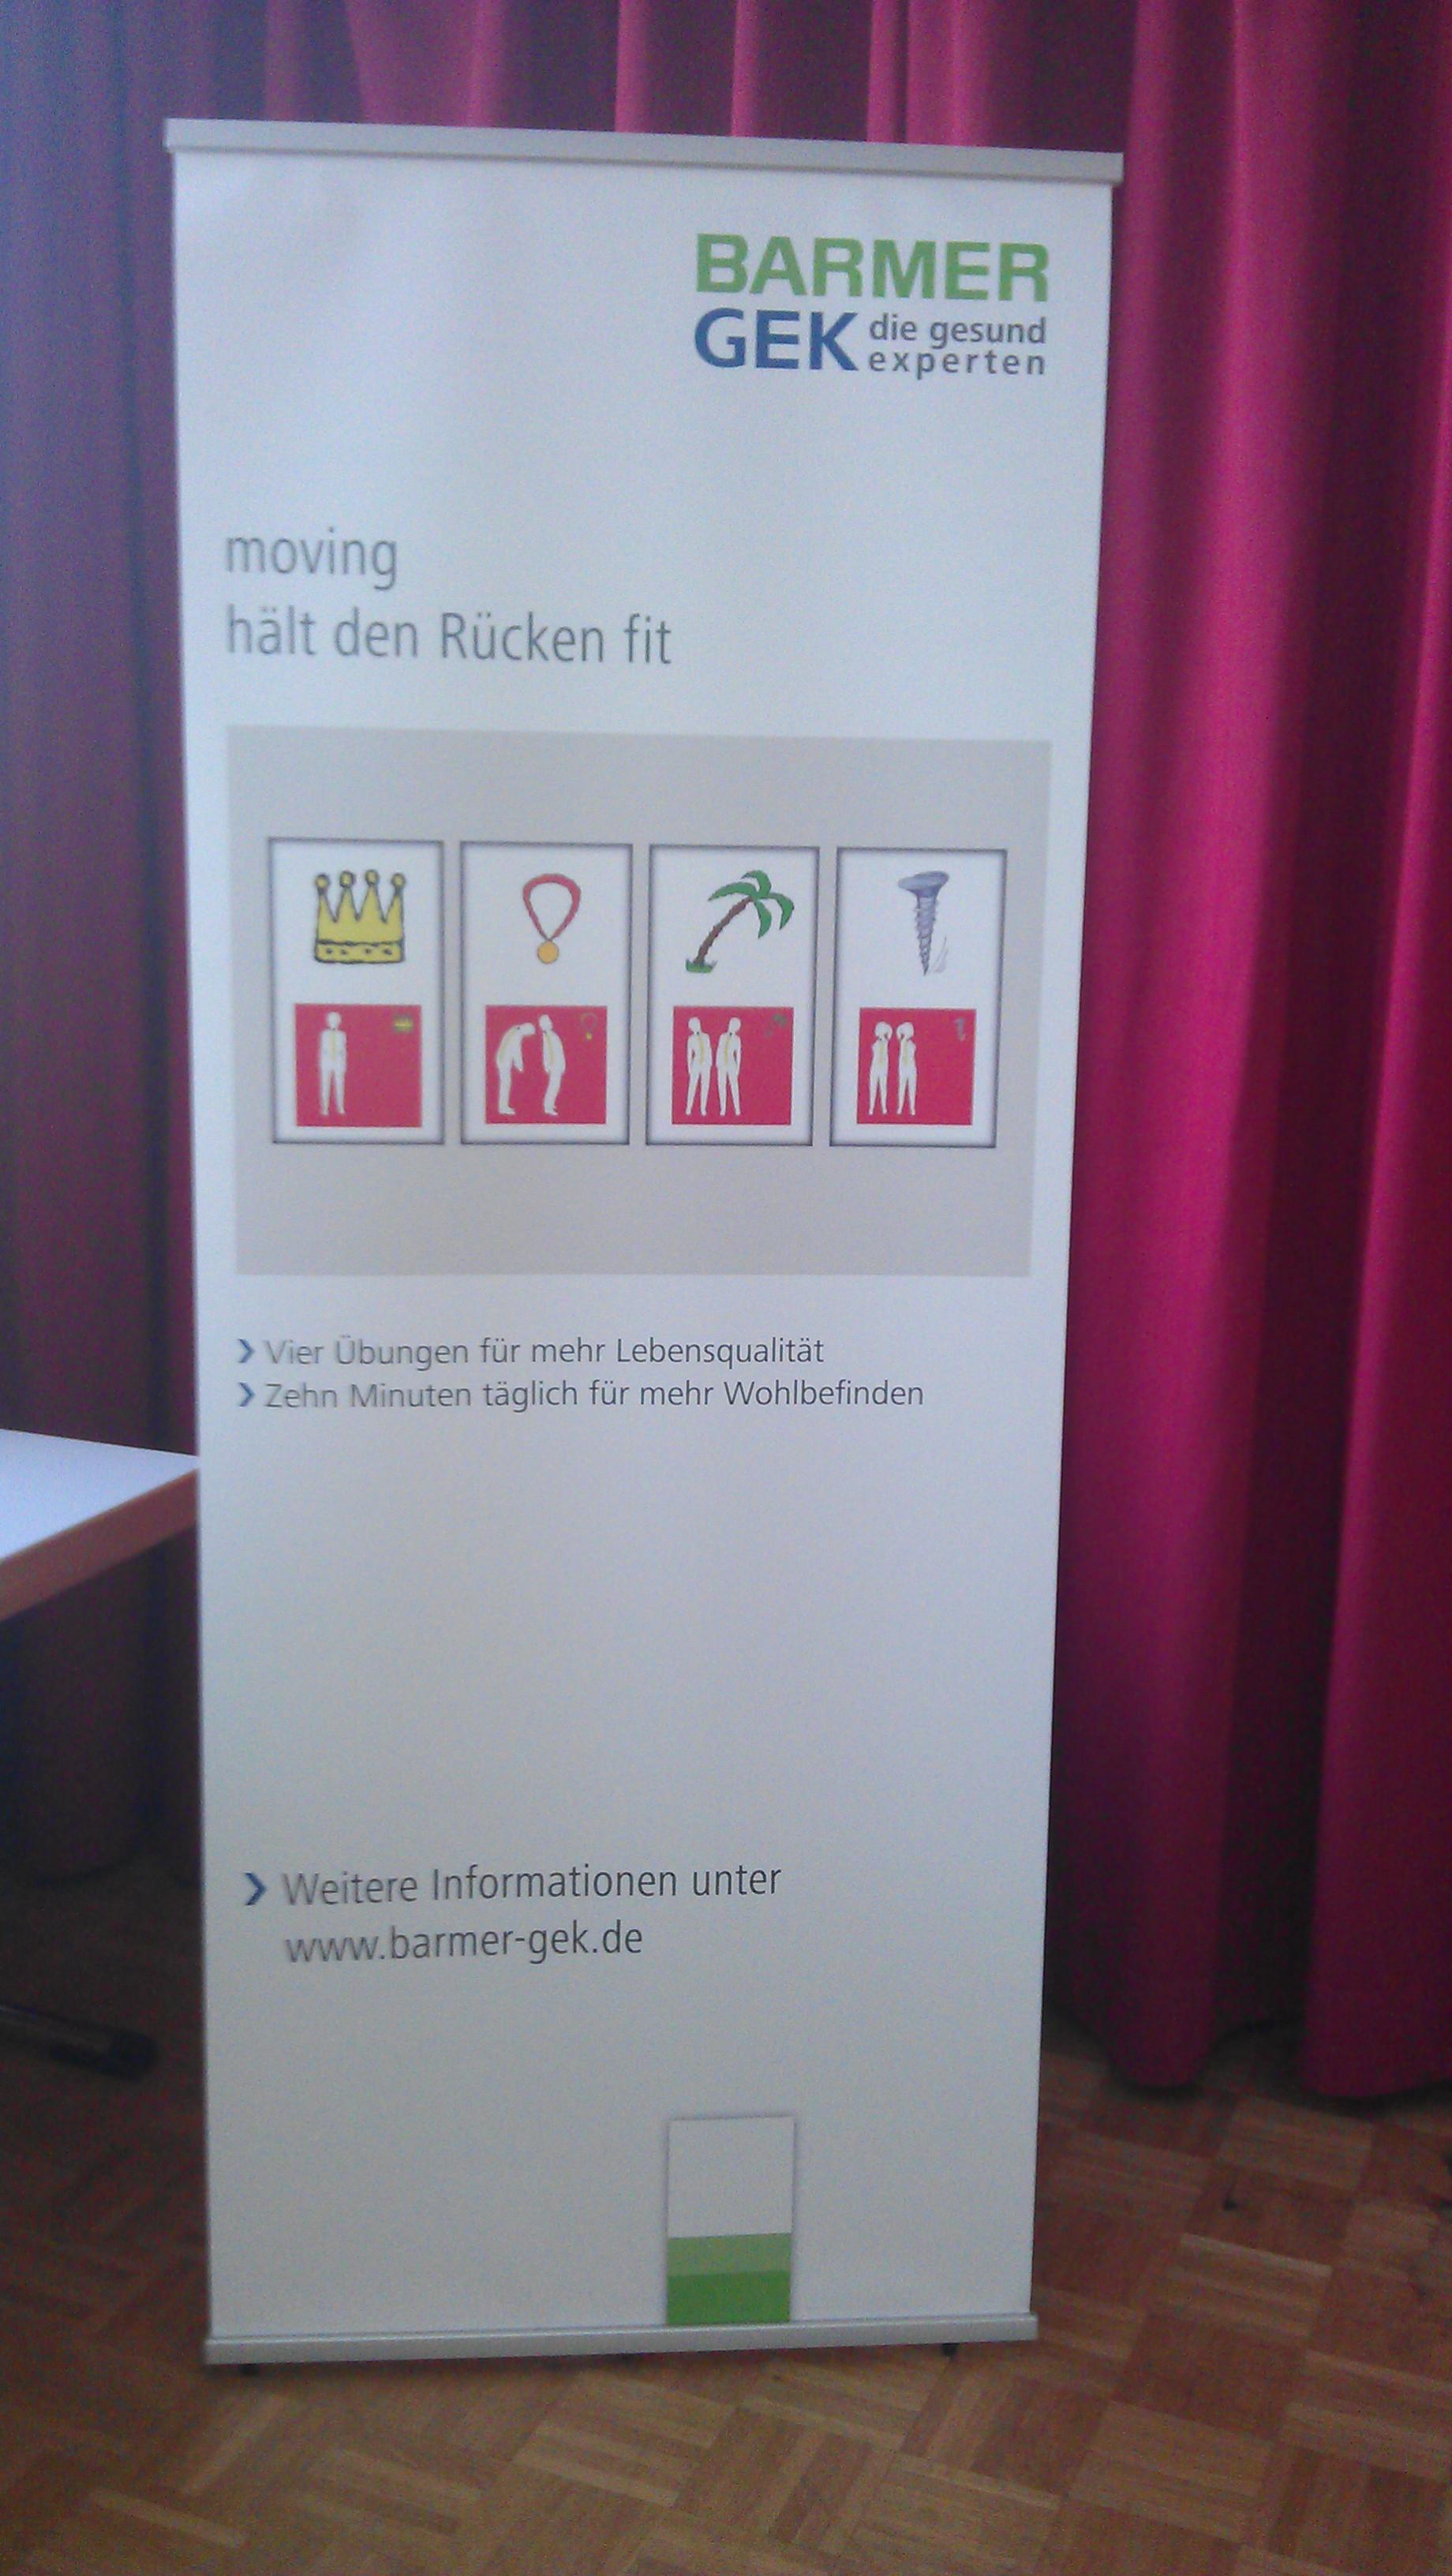 Betriebliche Gesundheitsförderung – relaxcompany in erfolgreicher Zusammenarbeit mit der BARMER GEK Frankfurt, Wiesbaden und Mainz